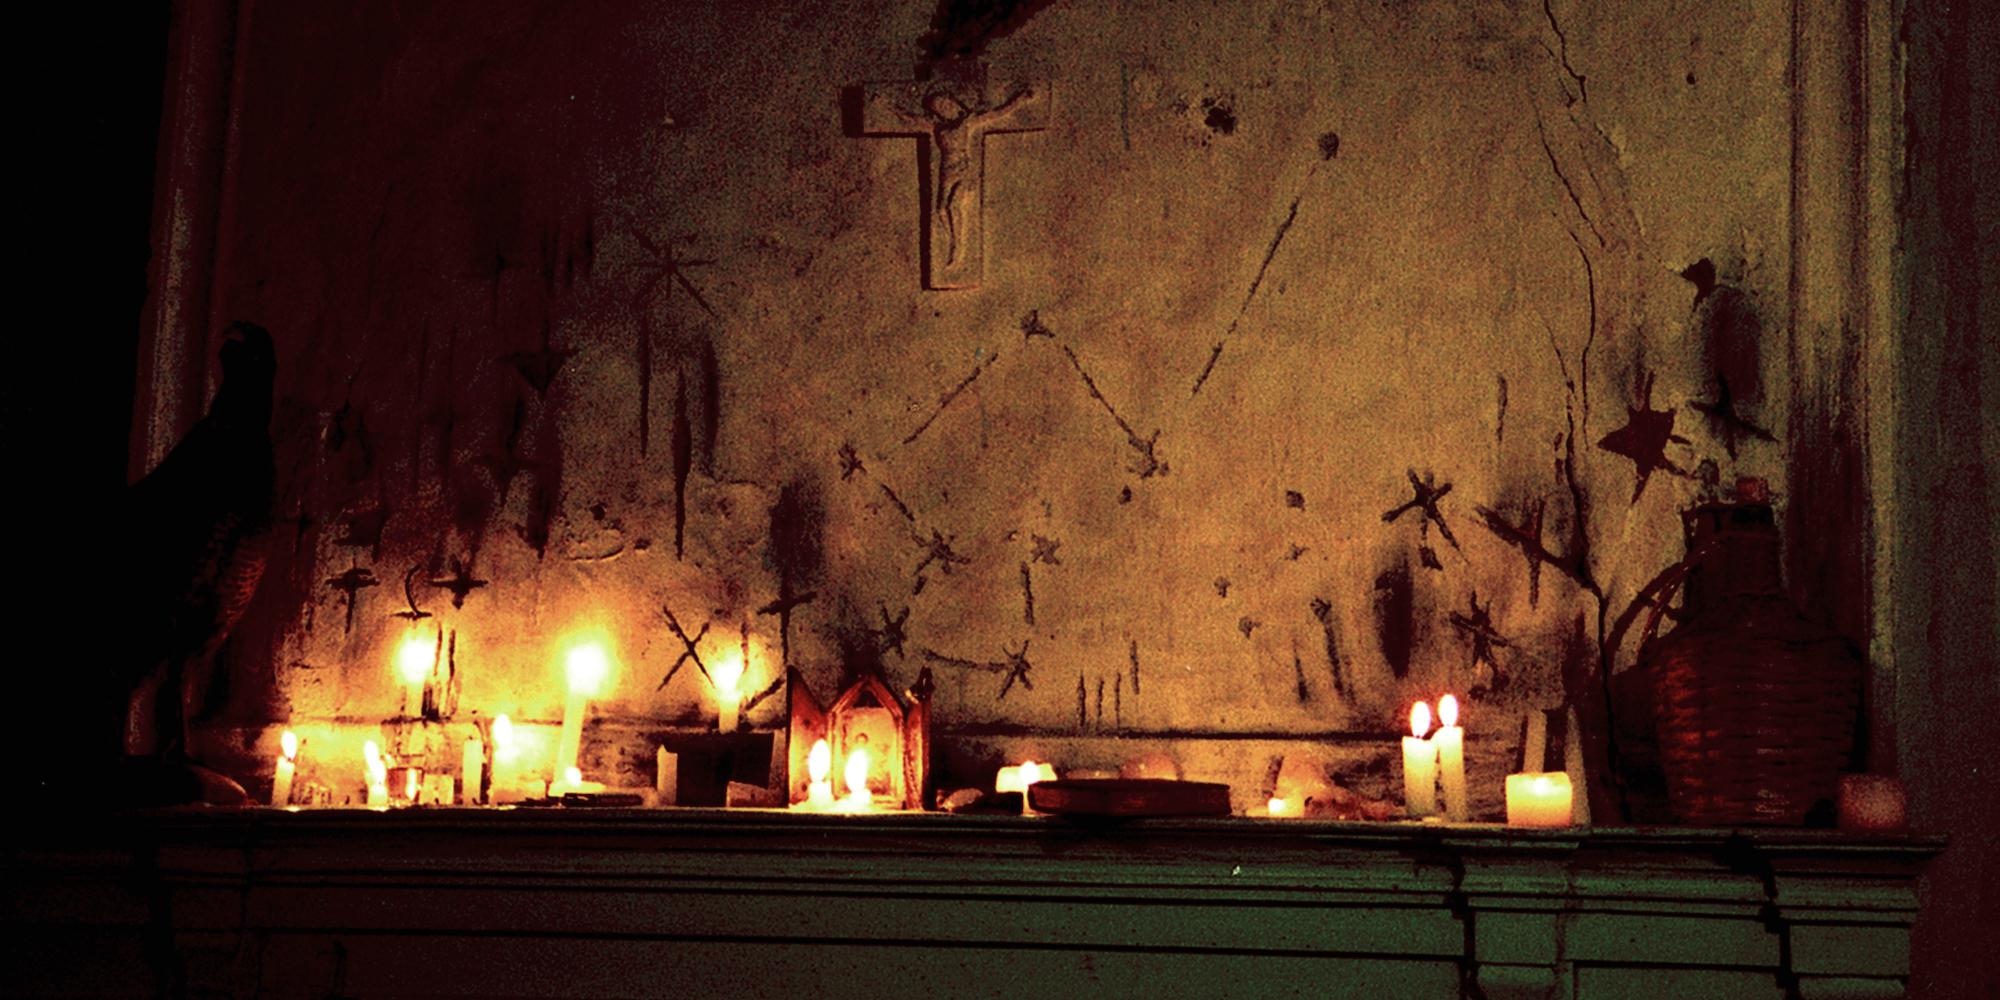 ambiance mystique dans ce décor de chambre pour le film terre de sang